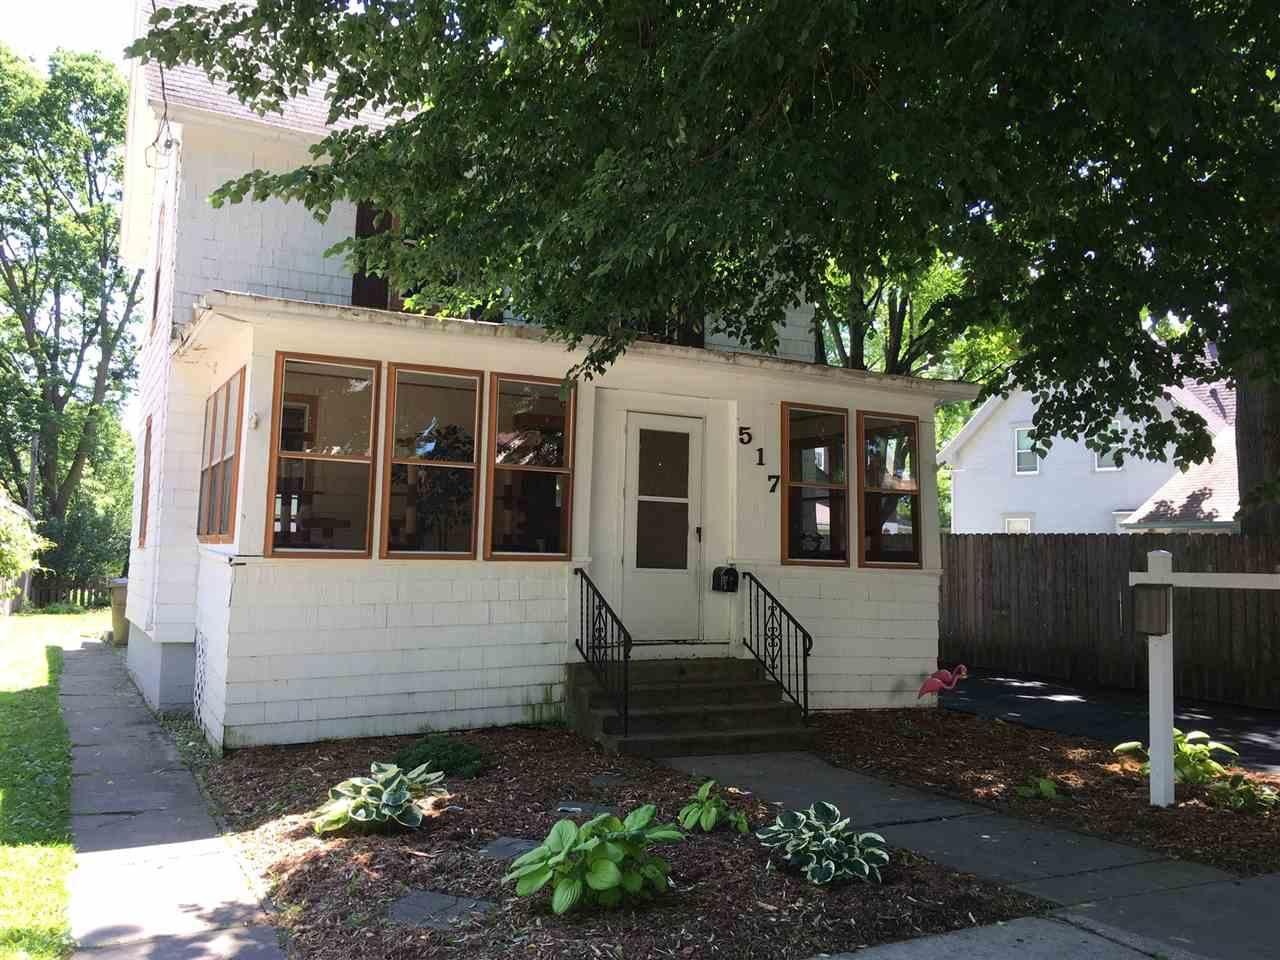 517 Ludington Ave, Madison, WI 53704 - MLS#: 1885622